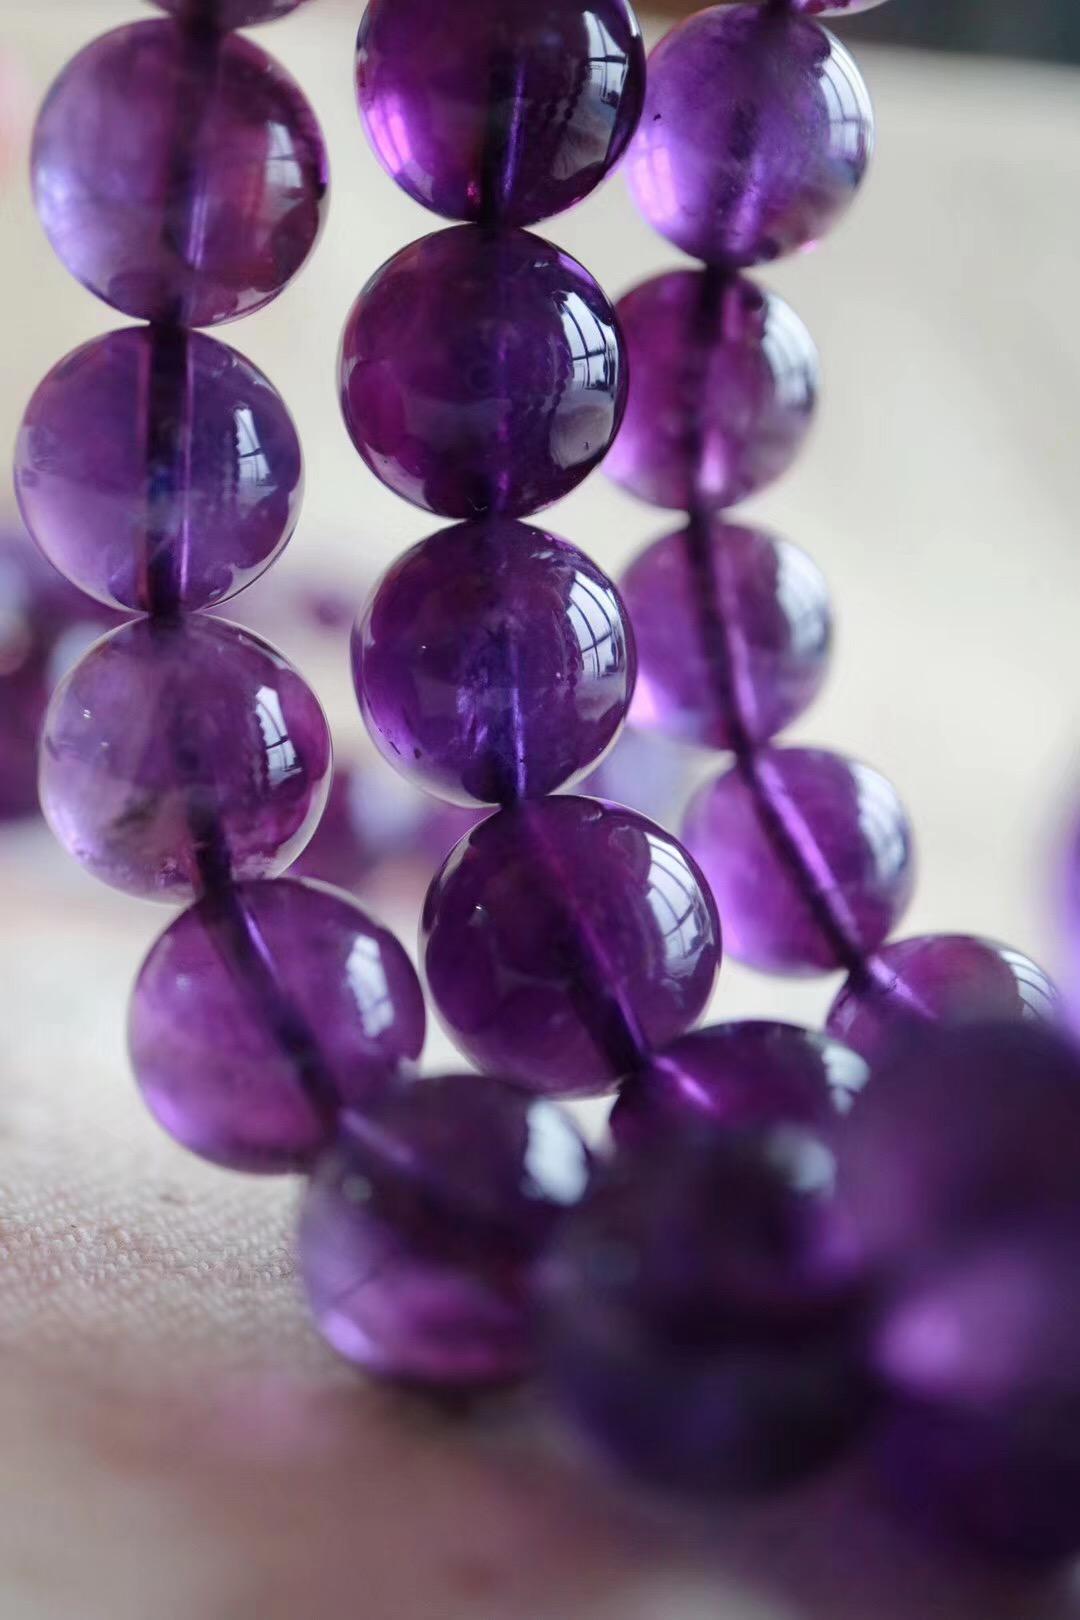 【紫水晶】紫水晶代表高层次的爱意,神秘而浪漫-菩心晶舍